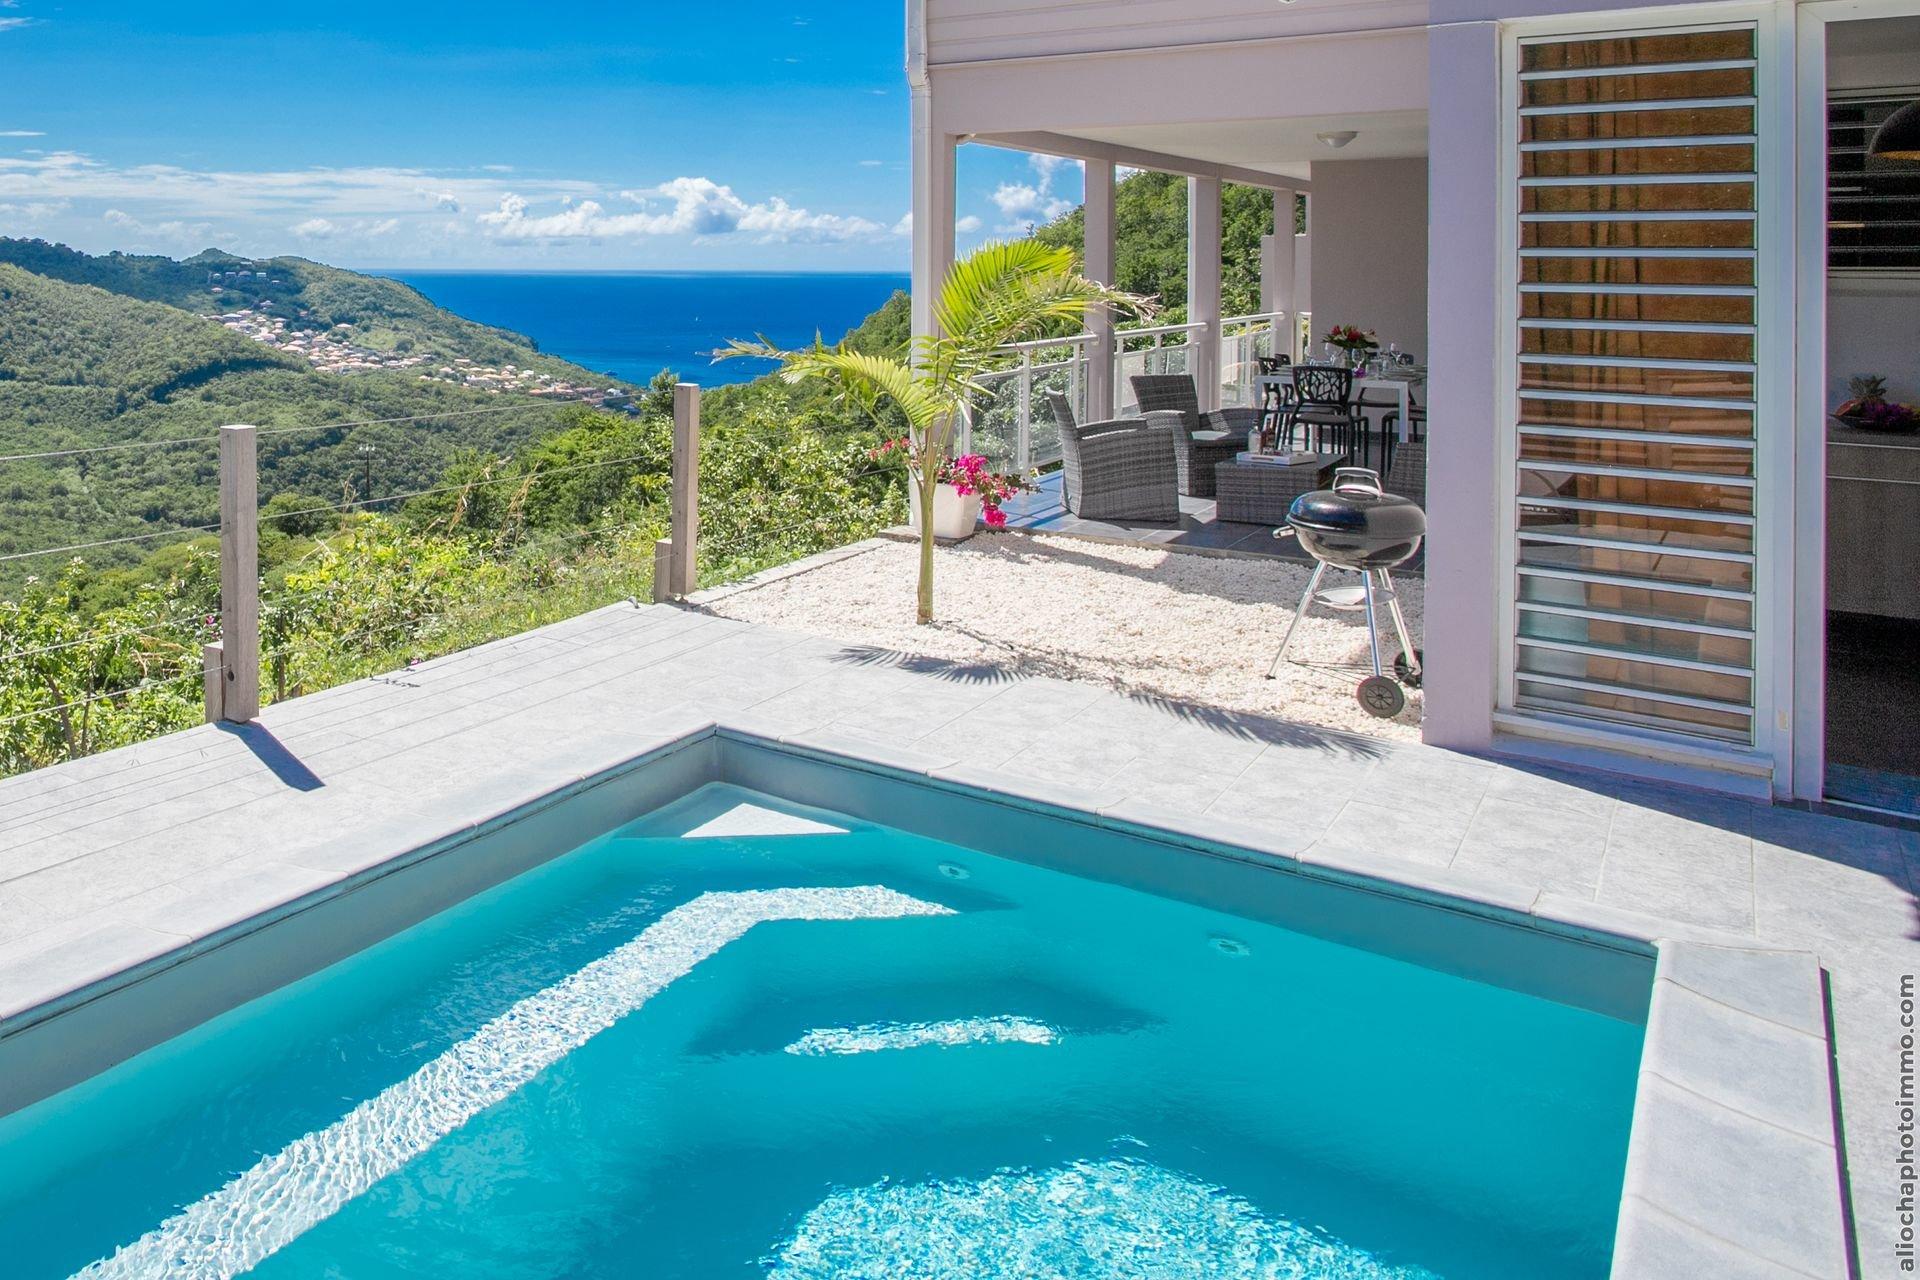 Villa/appartement indépendant EDEN - 1 à 9 personnes